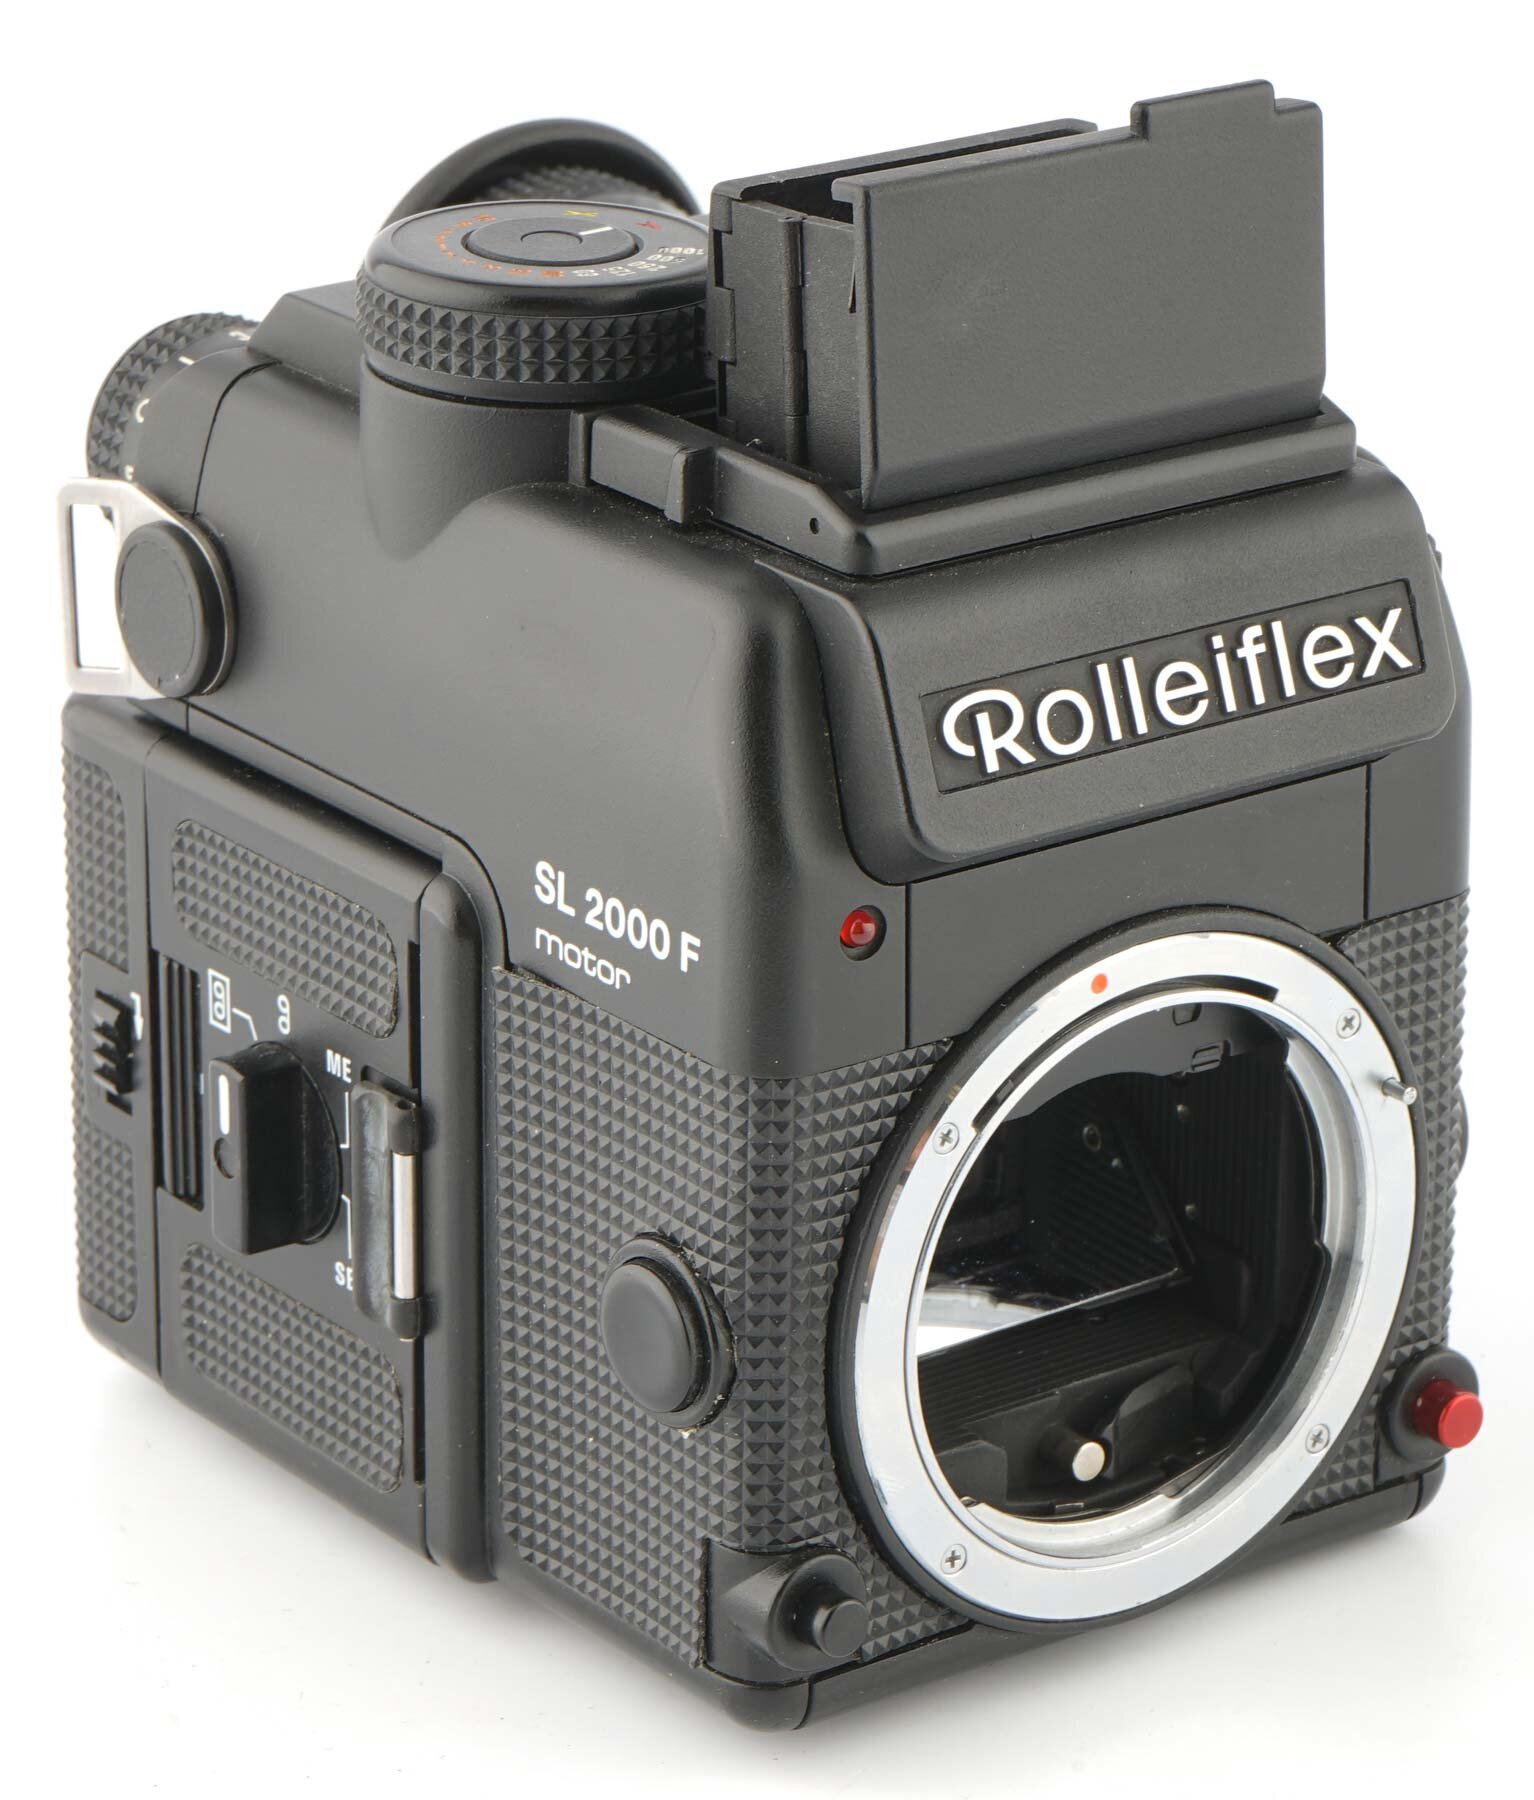 Rollei Rolleiflex SL 2000 F